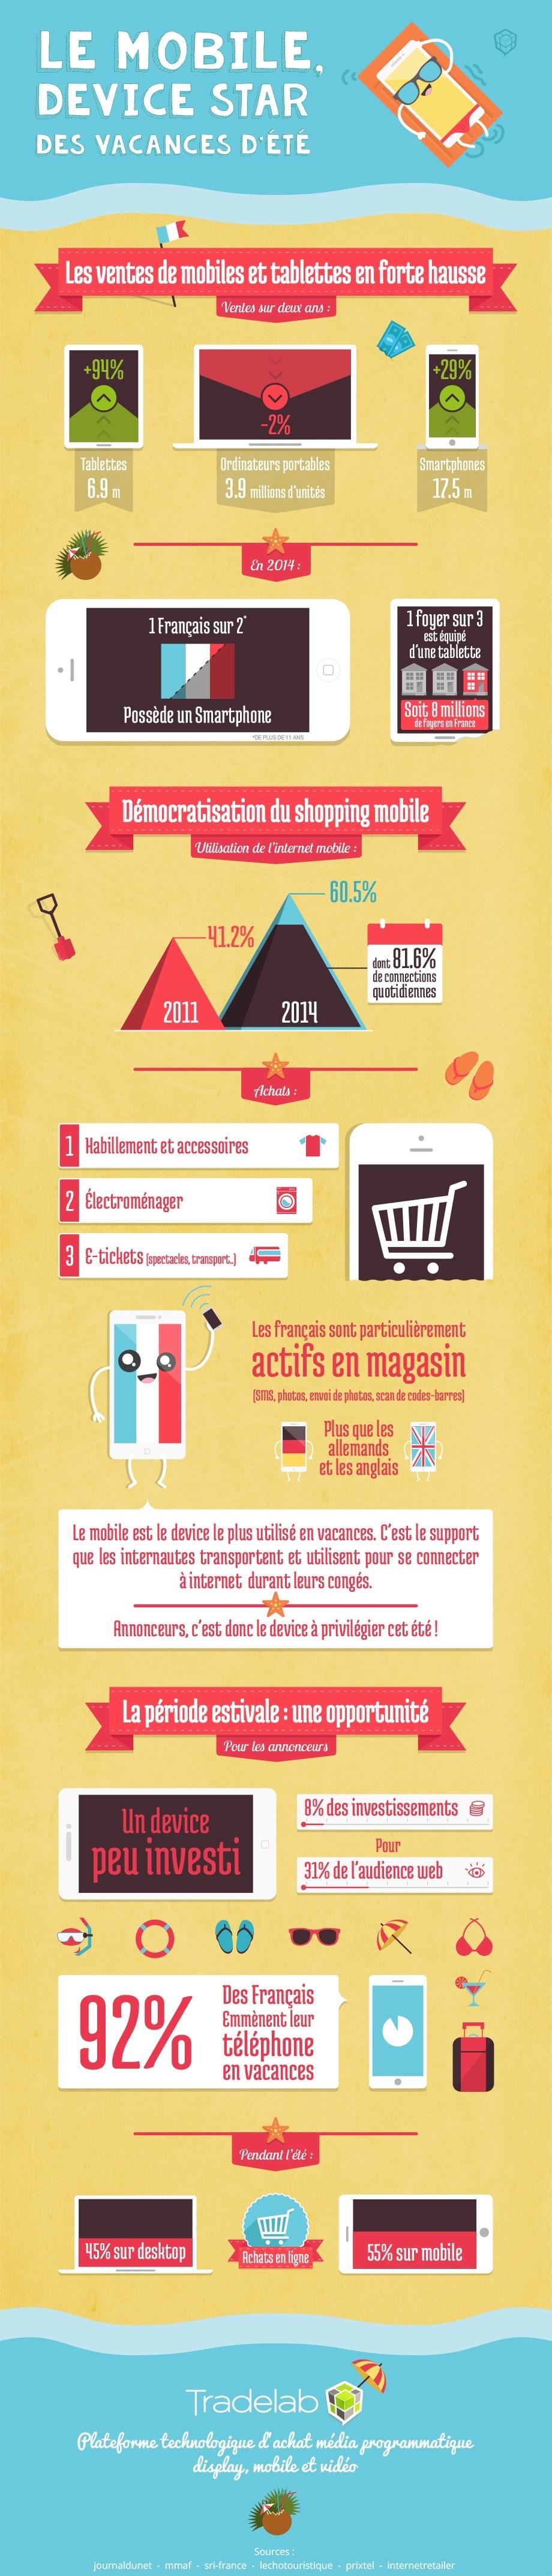 Pendant l'été, 55% des Français achètent sur leur mobile